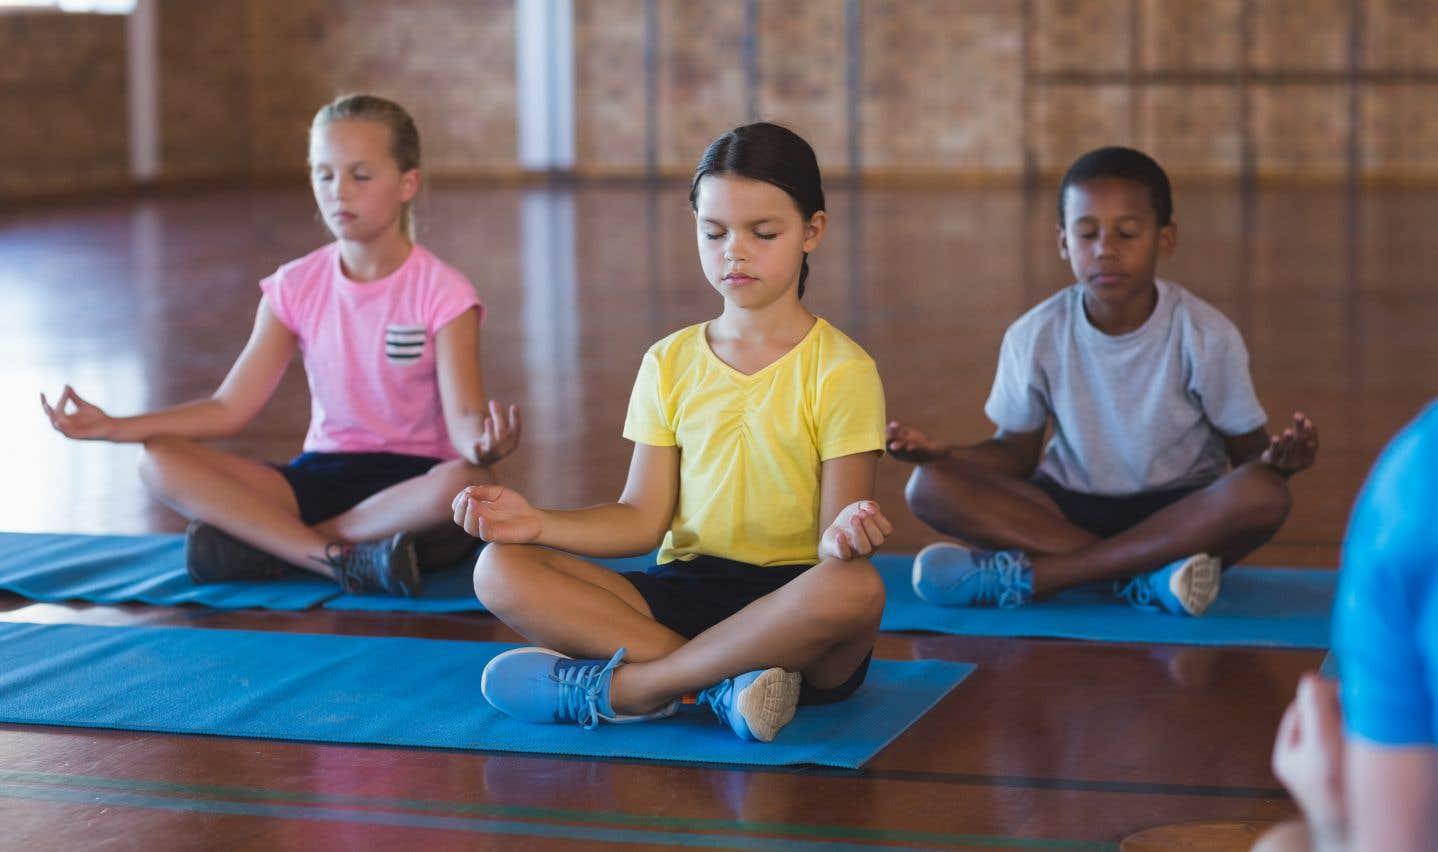 À l'heure actuelle, quelquesméta-analysesont démontré que la présence attentive et la méditation sont des méthodes prometteuses pour réduire le stress et l'anxiété chez les jeunes.